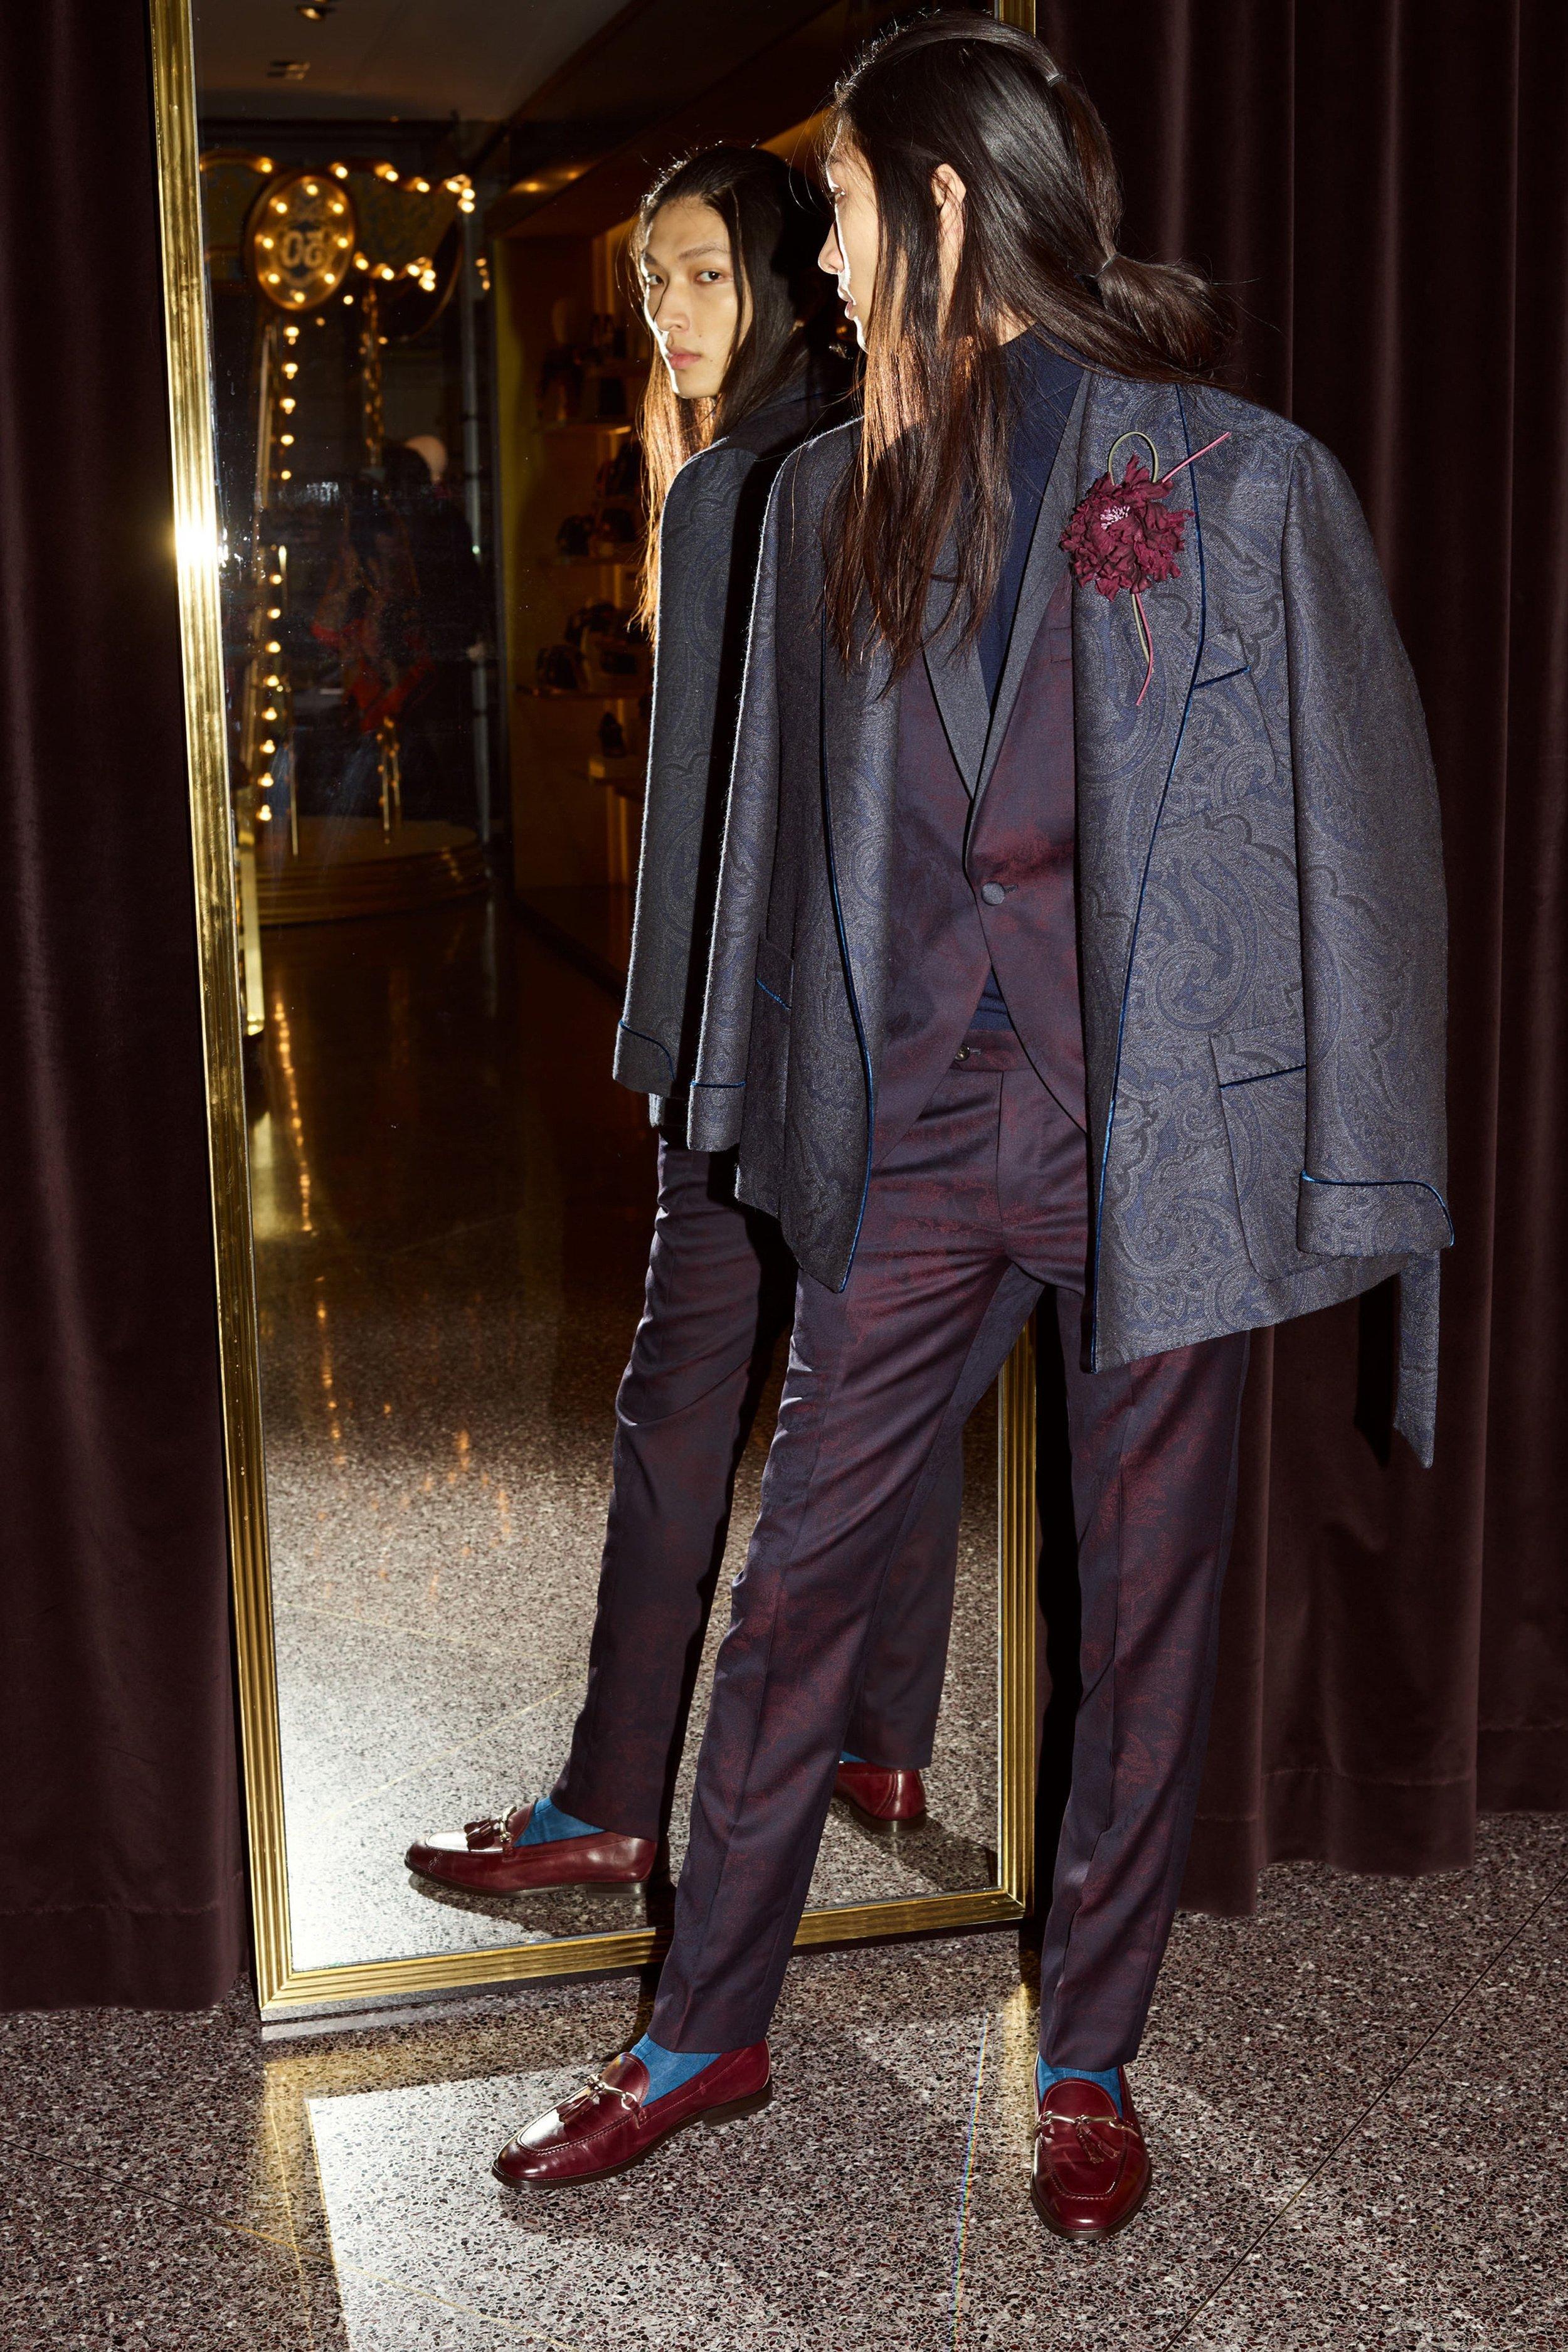 00023-ETRO-Menswear-Milan-2019.jpg